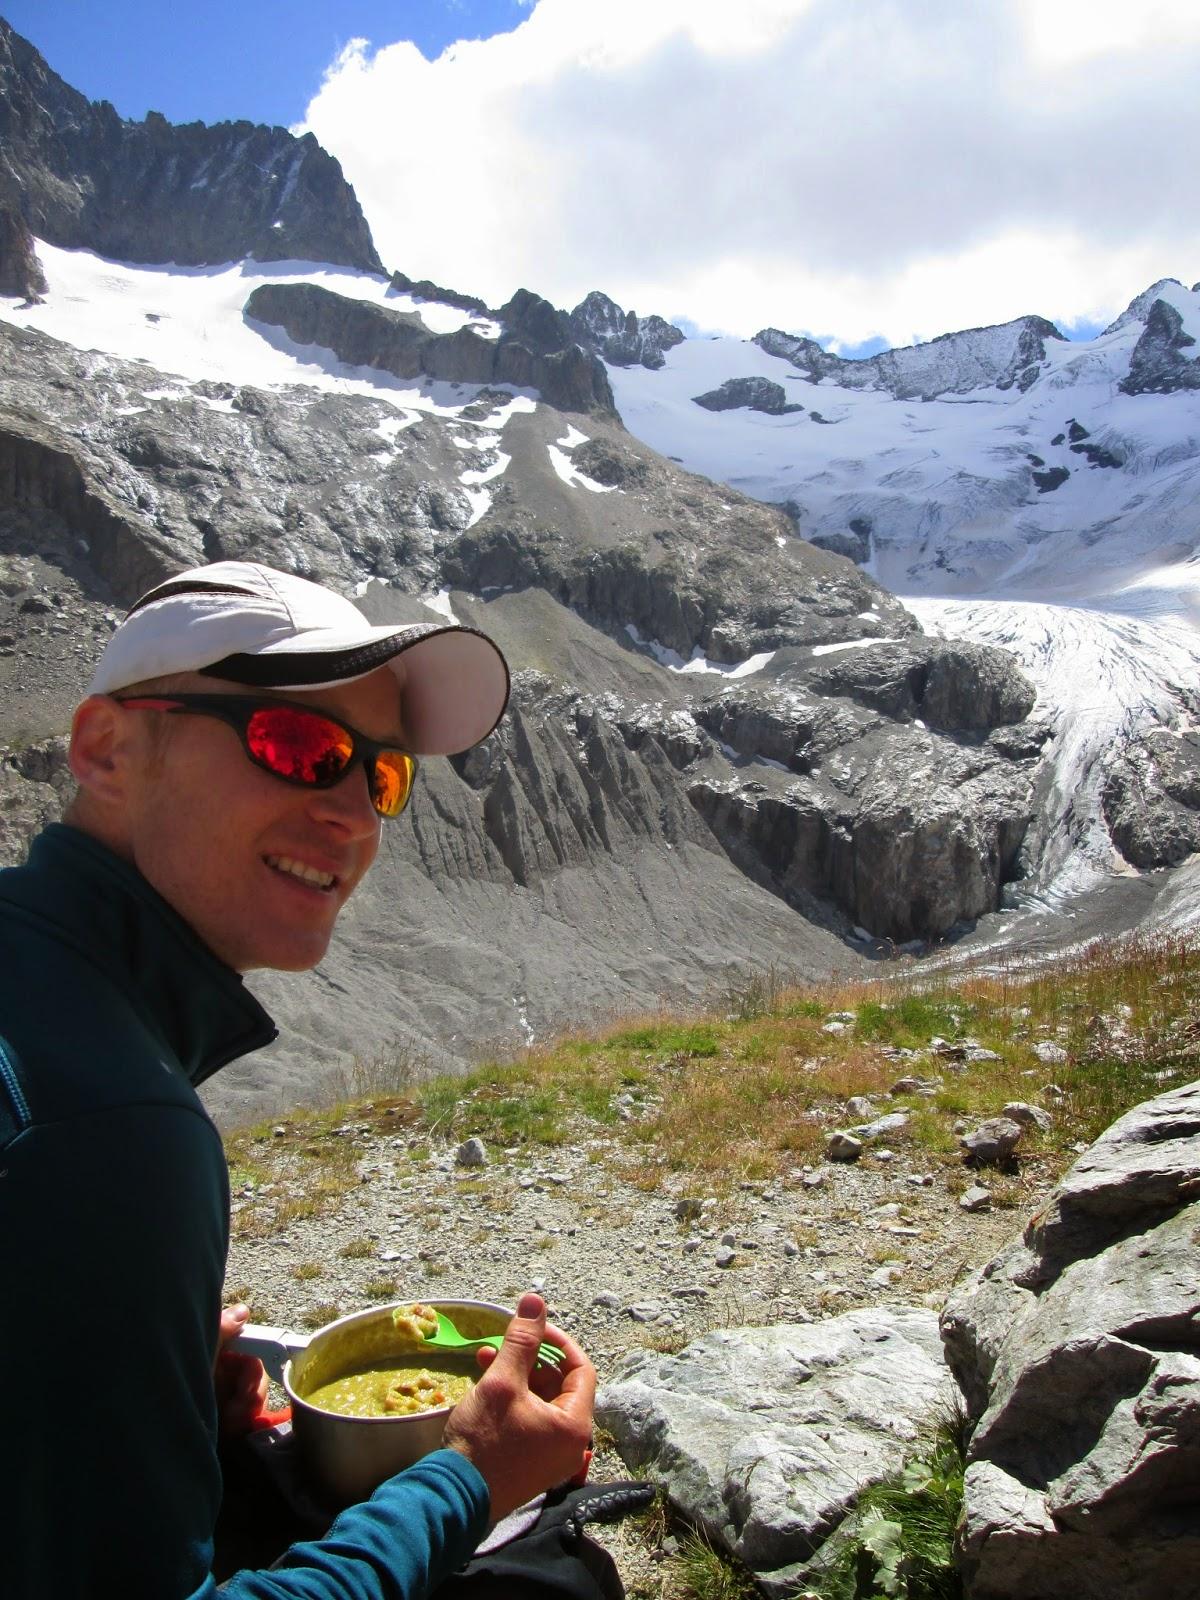 Glacier de la Pilatte, Ecrins National Park, Alps France